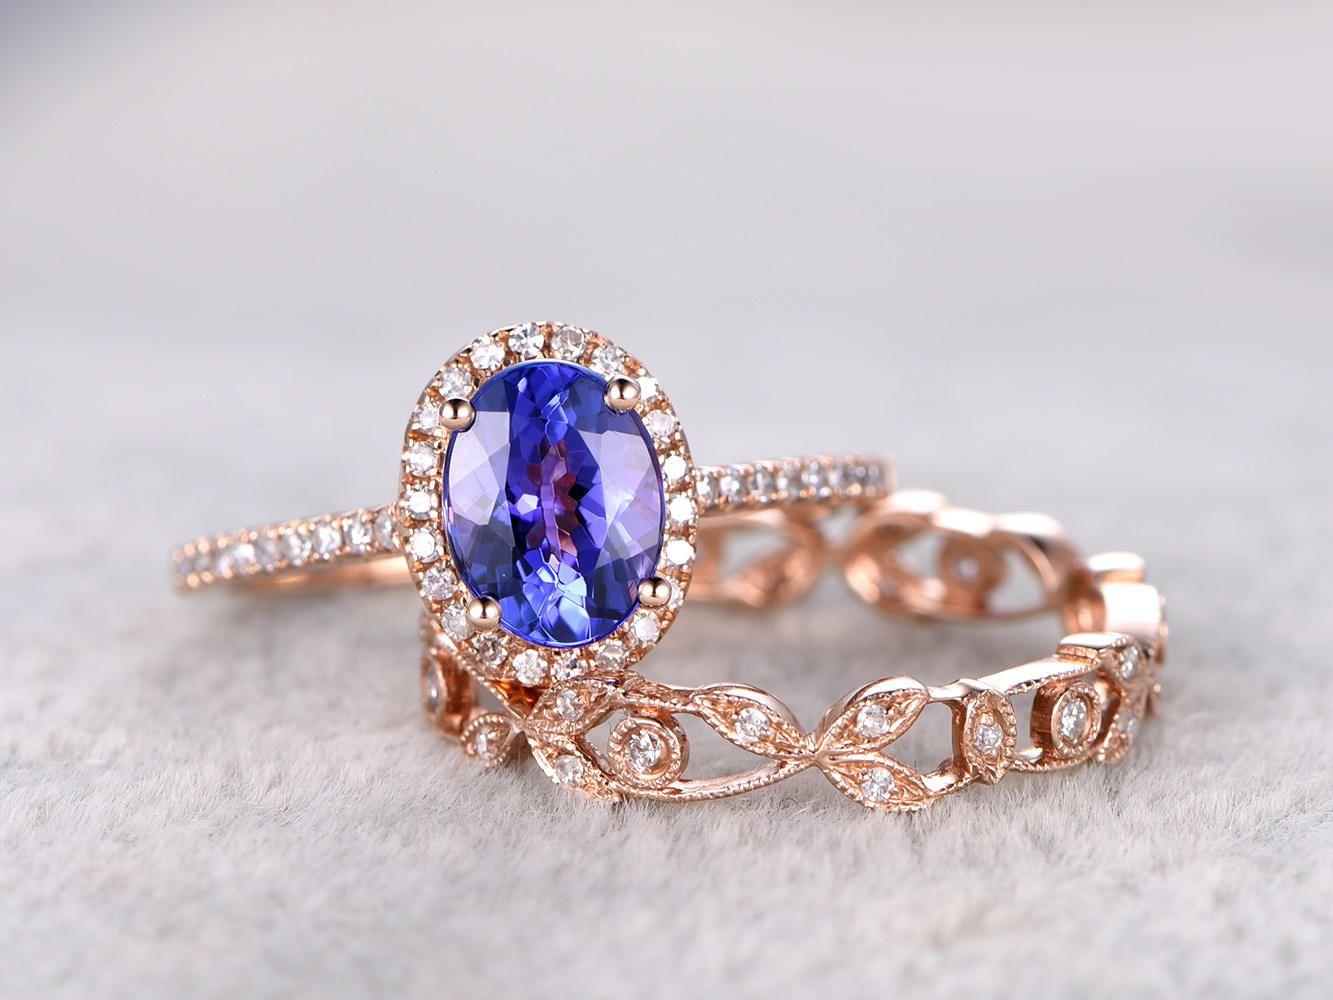 6x8mm Oval Tanzanite Wedding ring setEngagement ring Rose gold